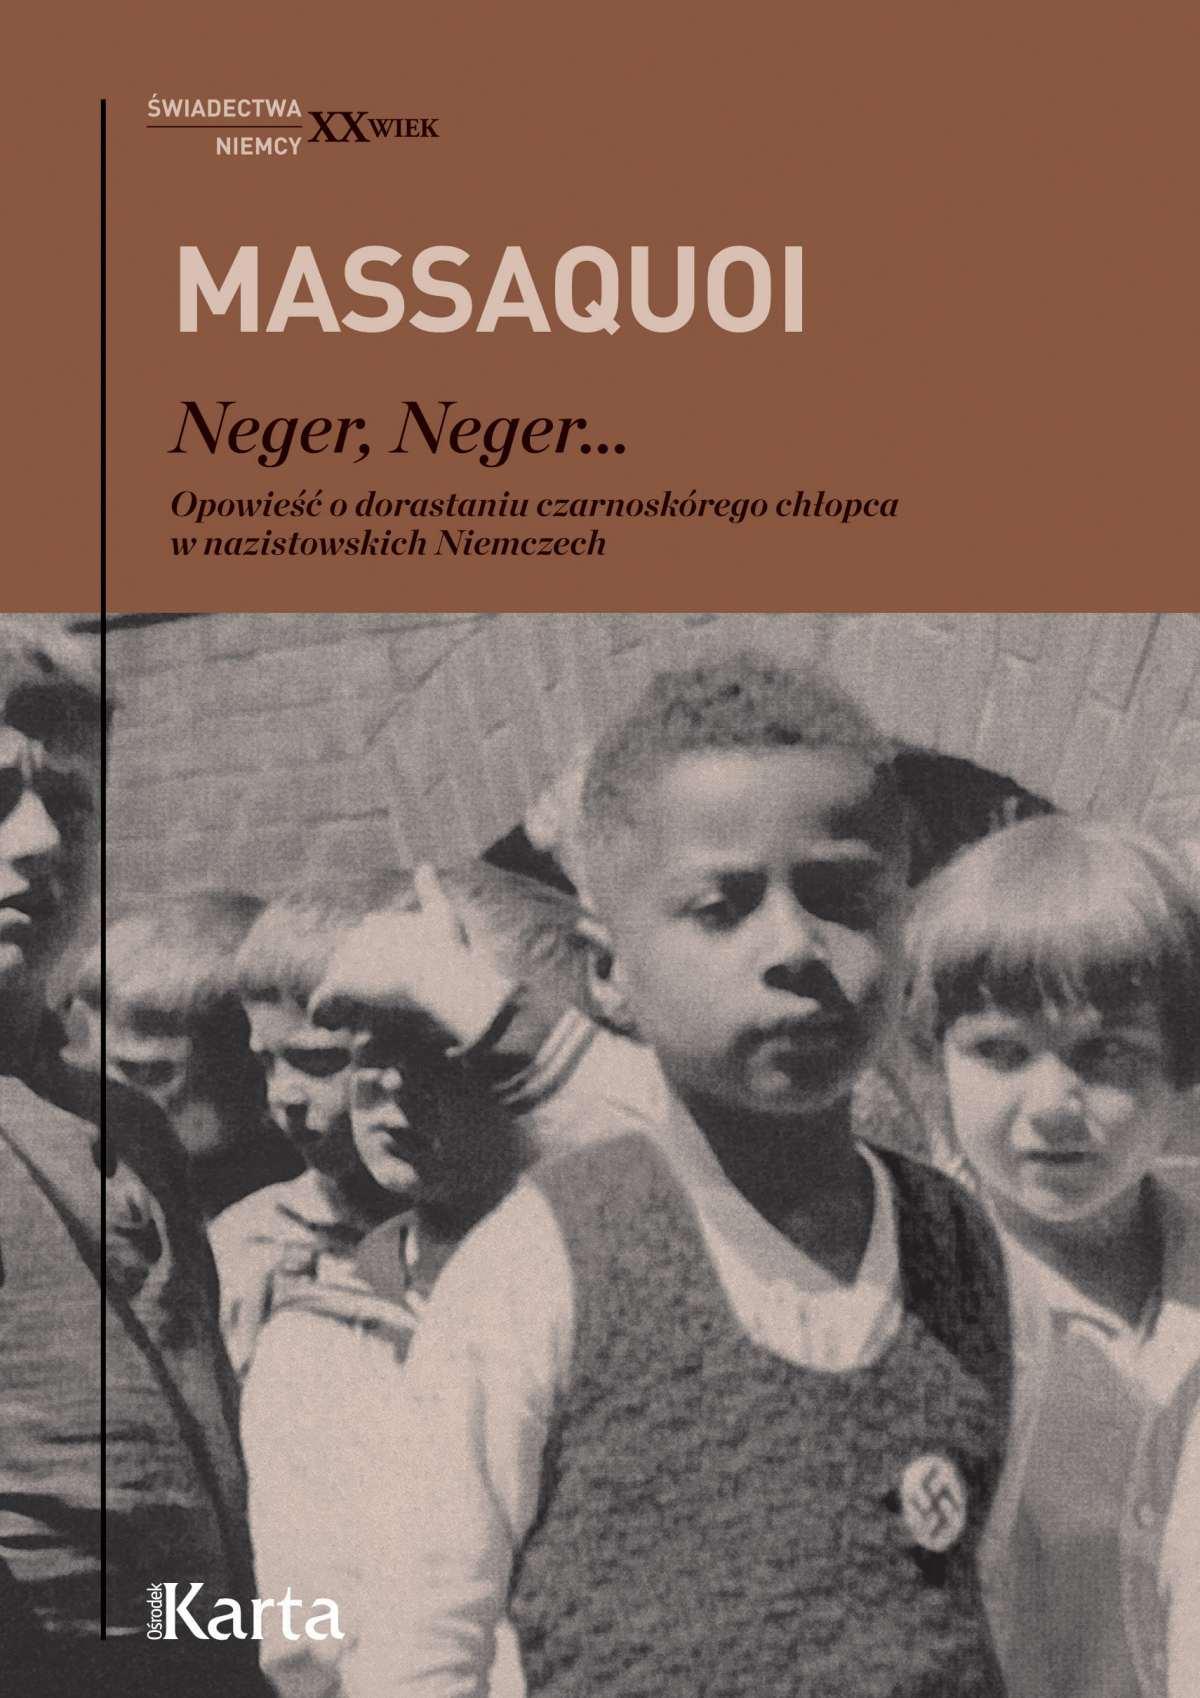 Neger, Neger... Opowieść o dorastaniu czarnoskórego chłopca w nazistowskich Niemczech - Ebook (Książka EPUB) do pobrania w formacie EPUB